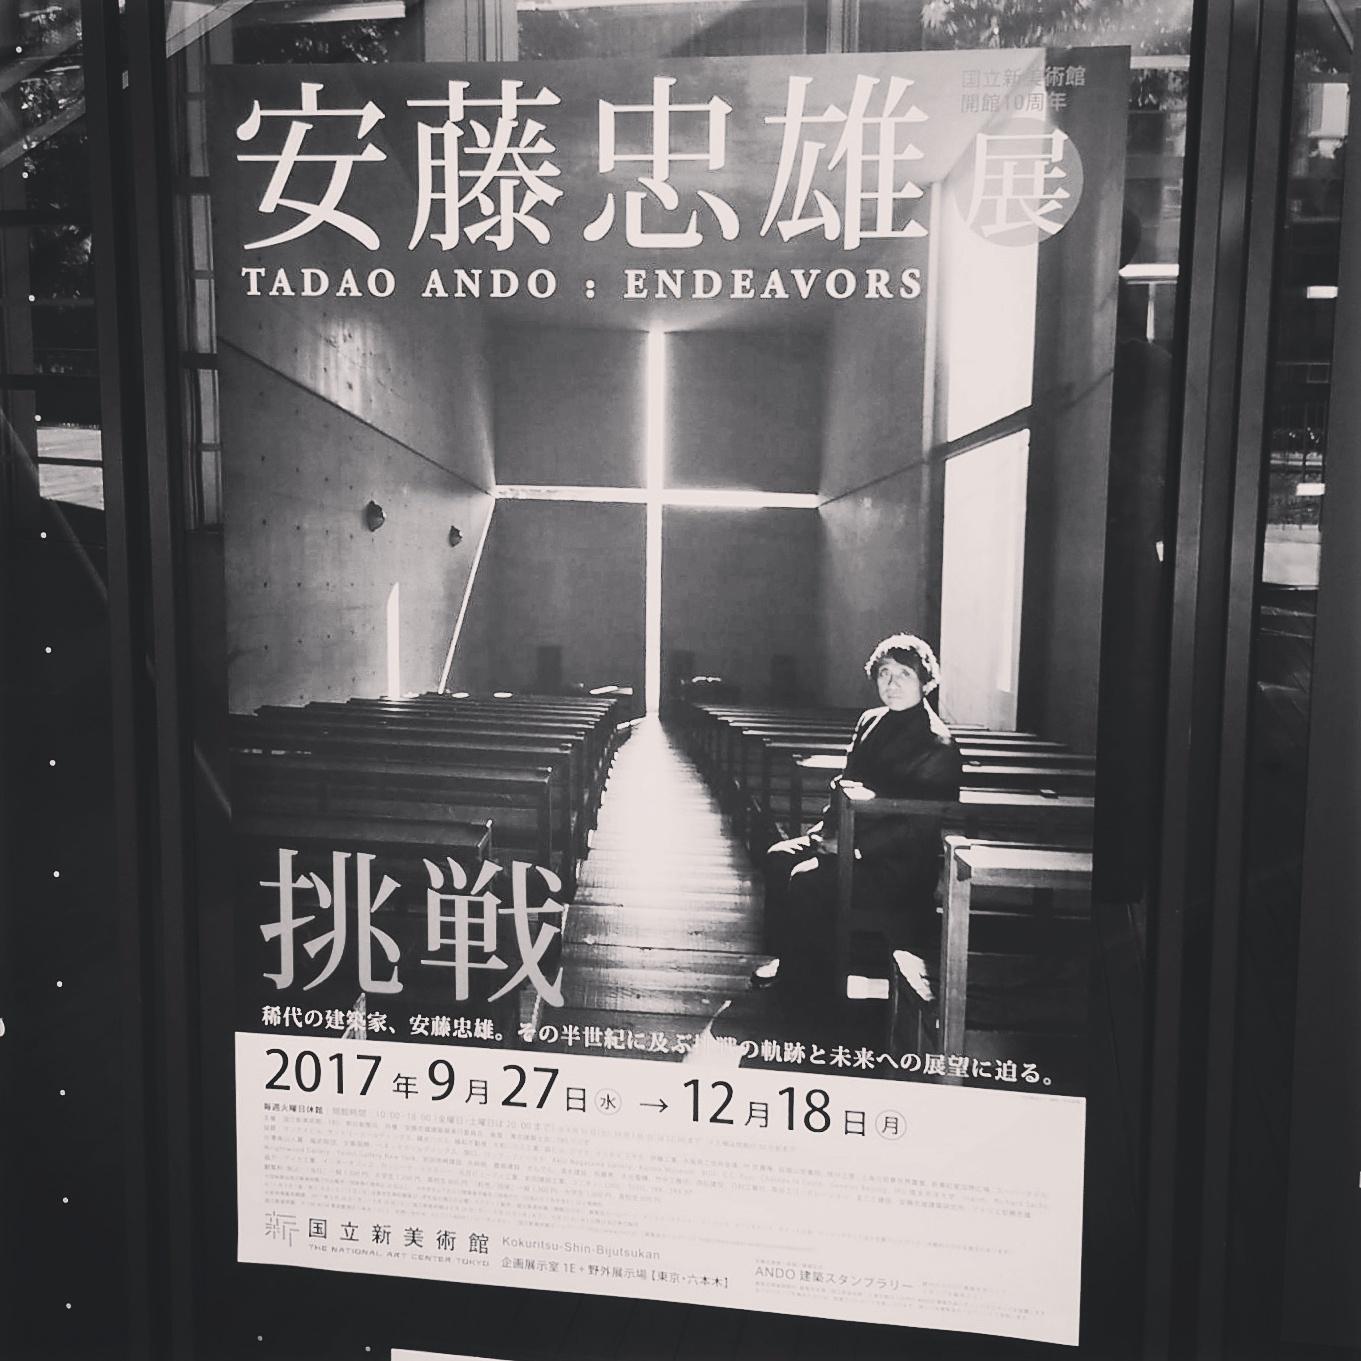 20171029_3.jpg